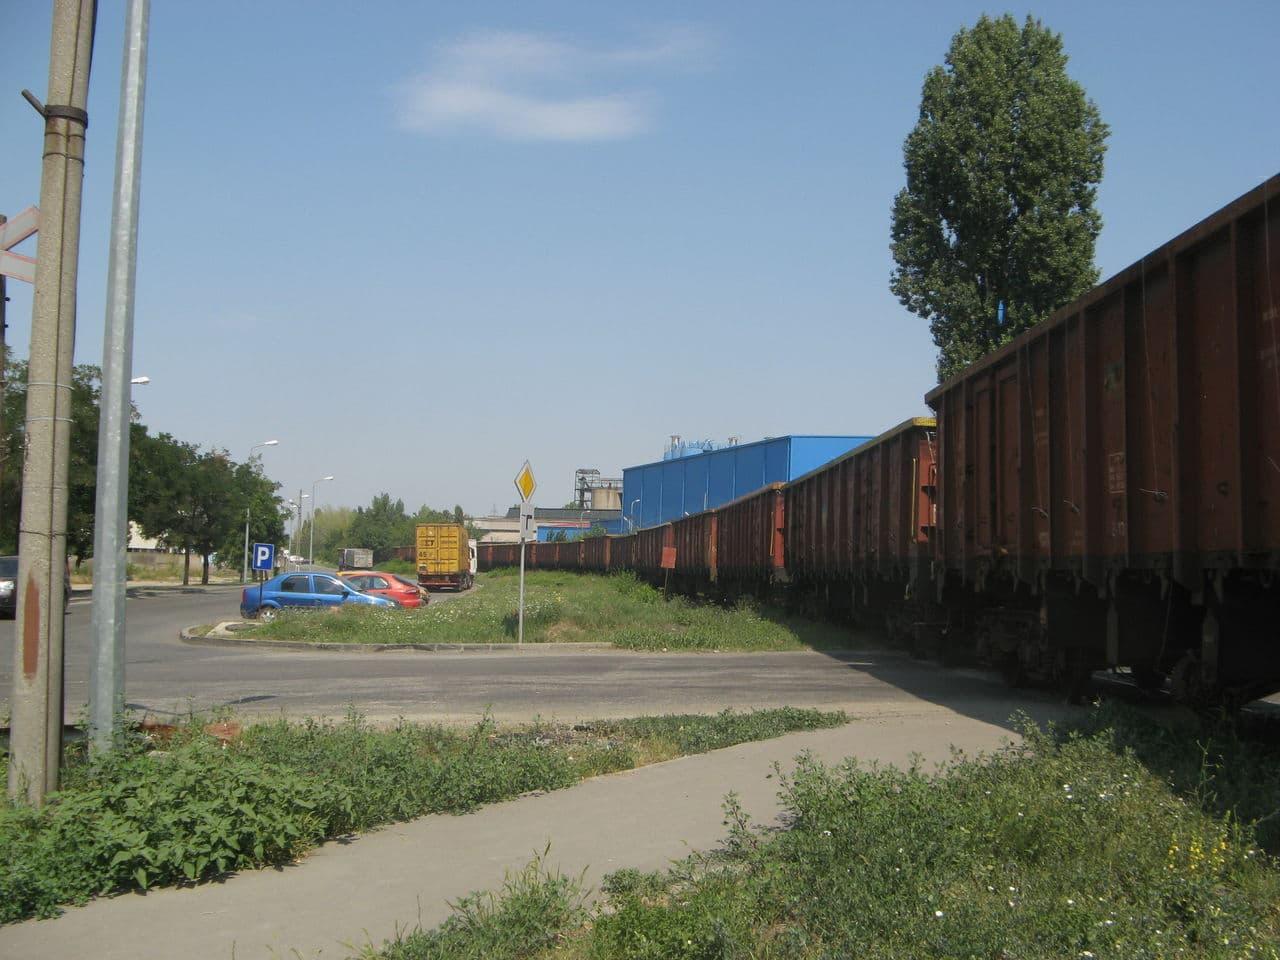 Calea ferată directă Oradea Vest - Episcopia Bihor IMG_0042